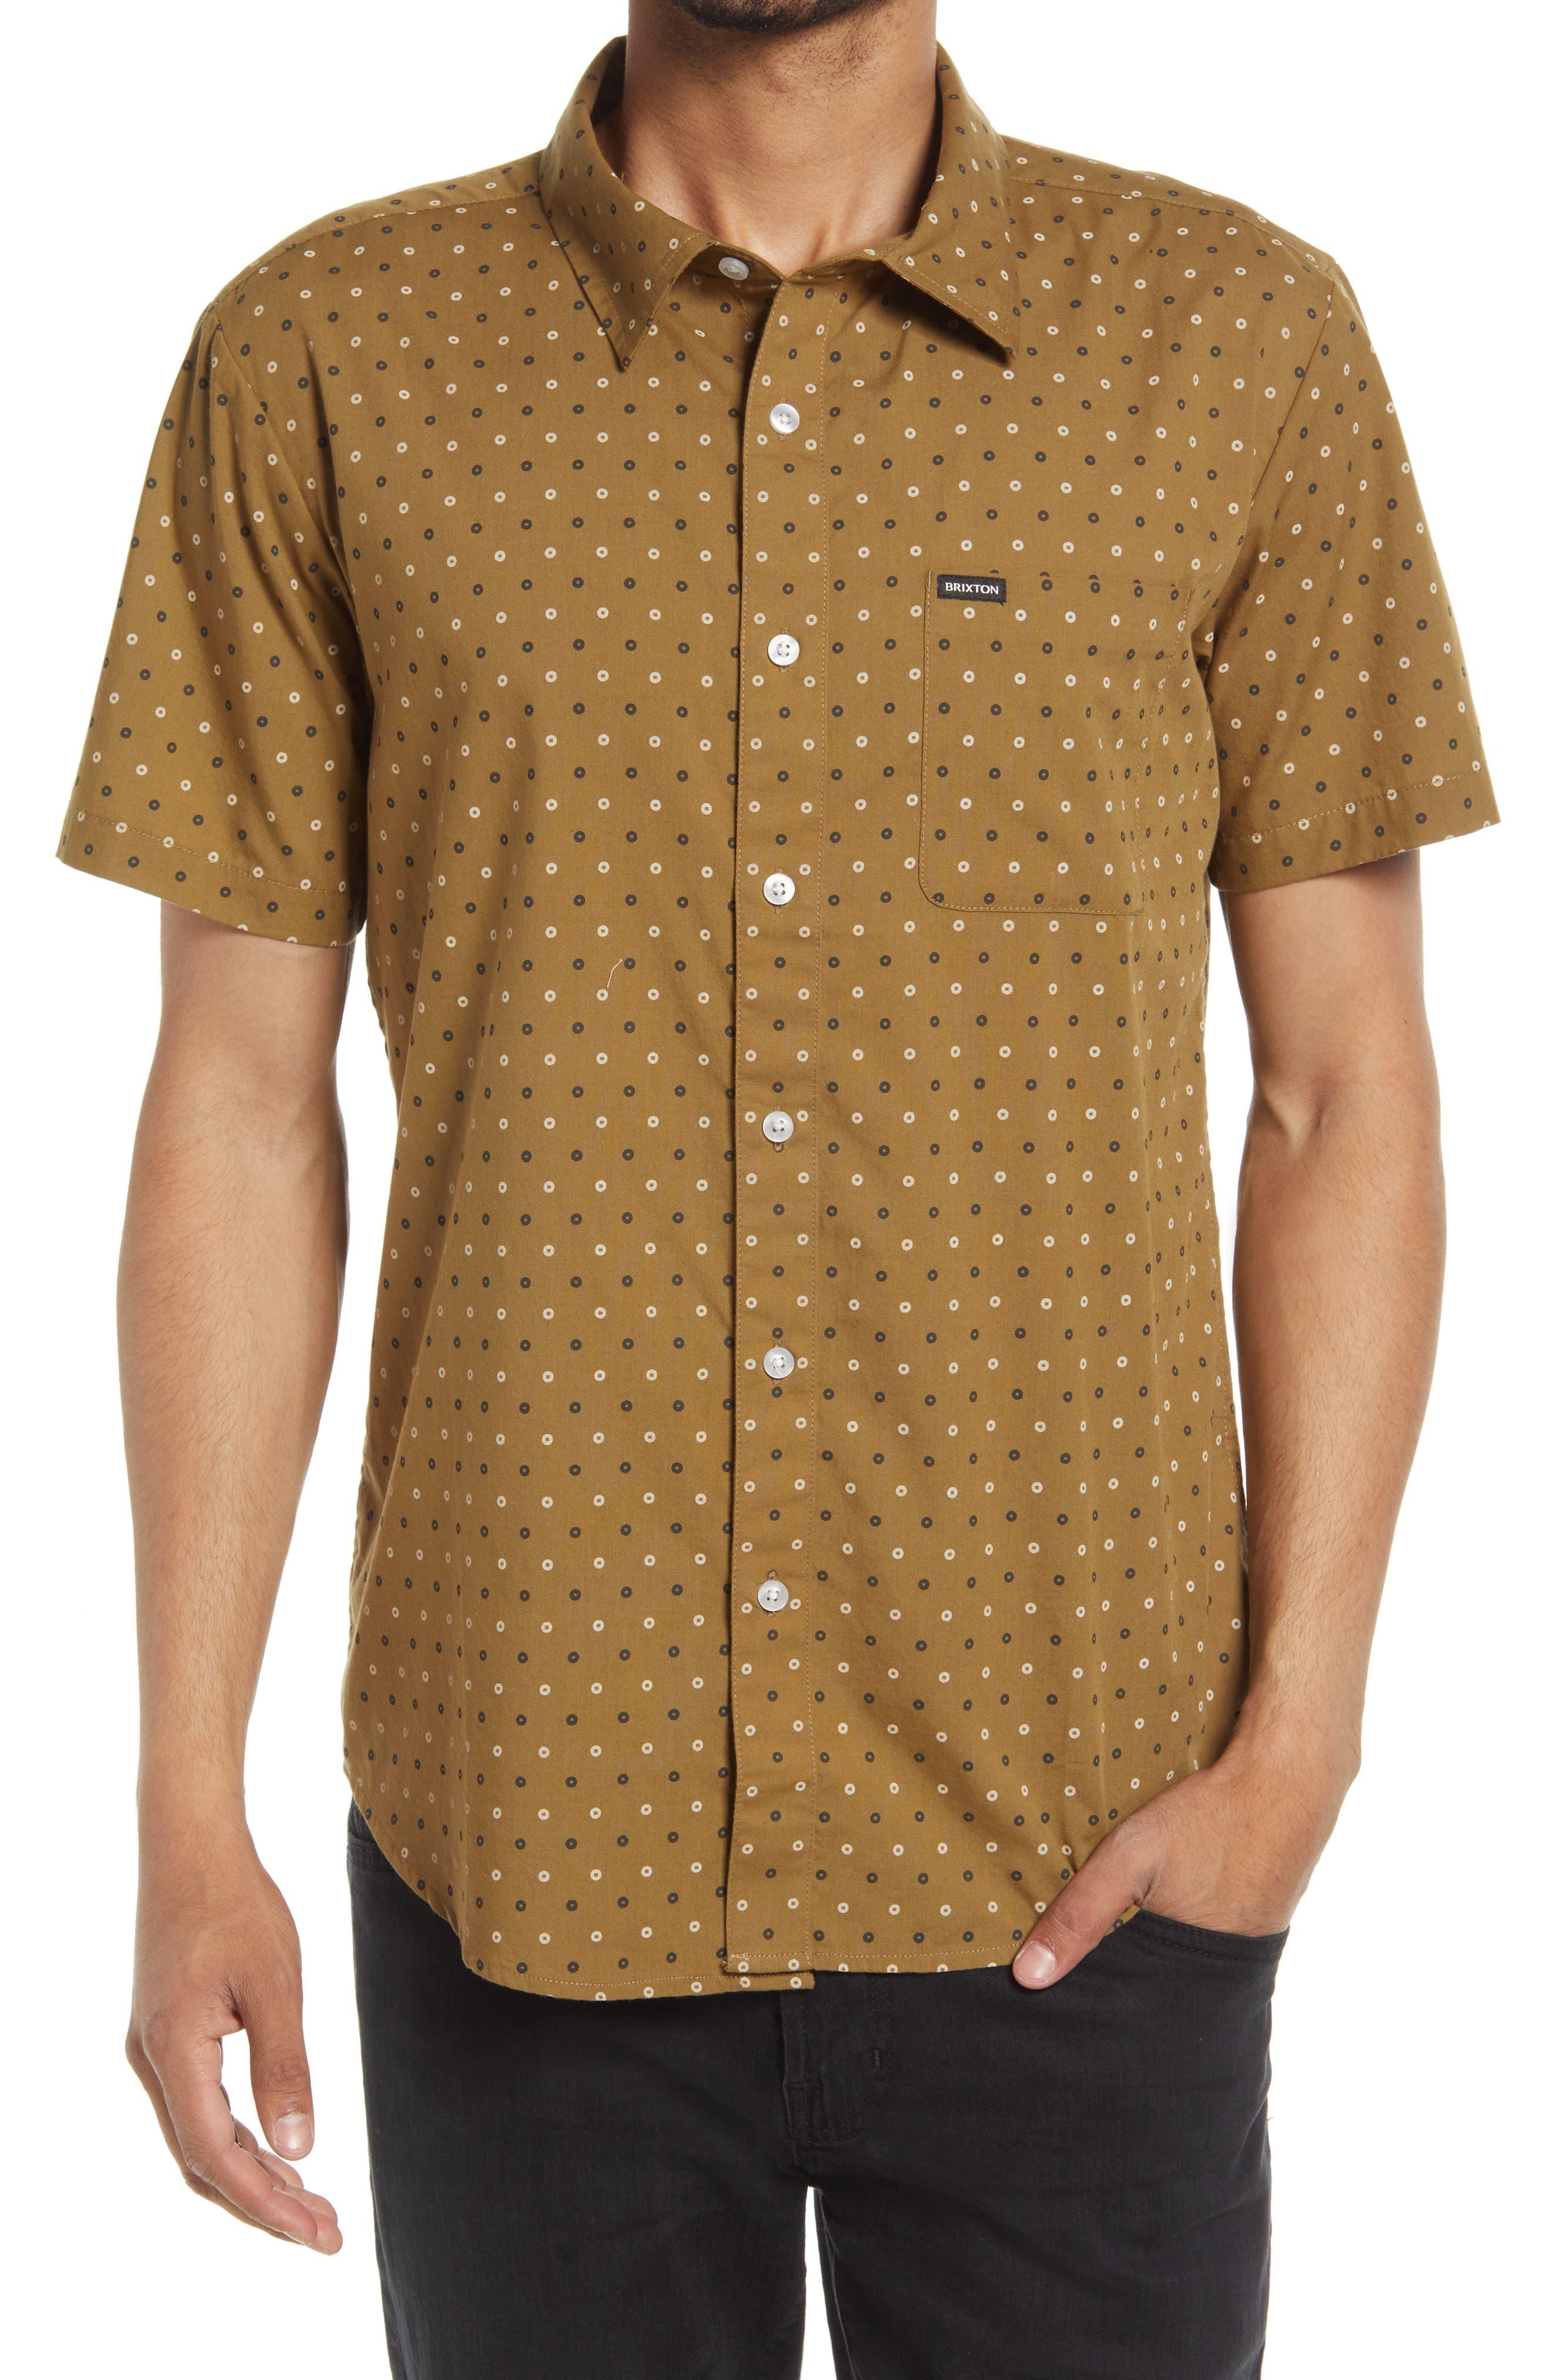 Charter Print Short Sleeve Cotton Blend Button-Up Shirt